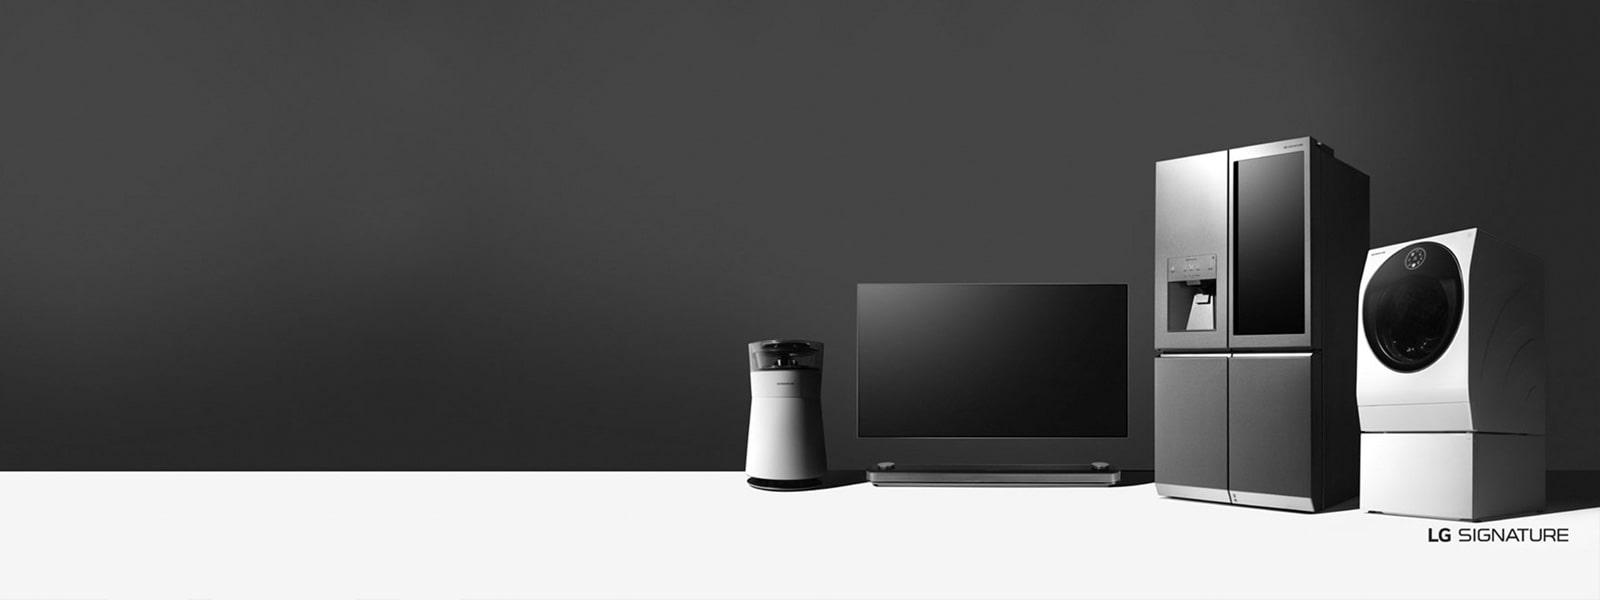 Choisir Sa Tv En Fonction De La Distance tous les accessoires tvs | téléviseurs lg | lg france